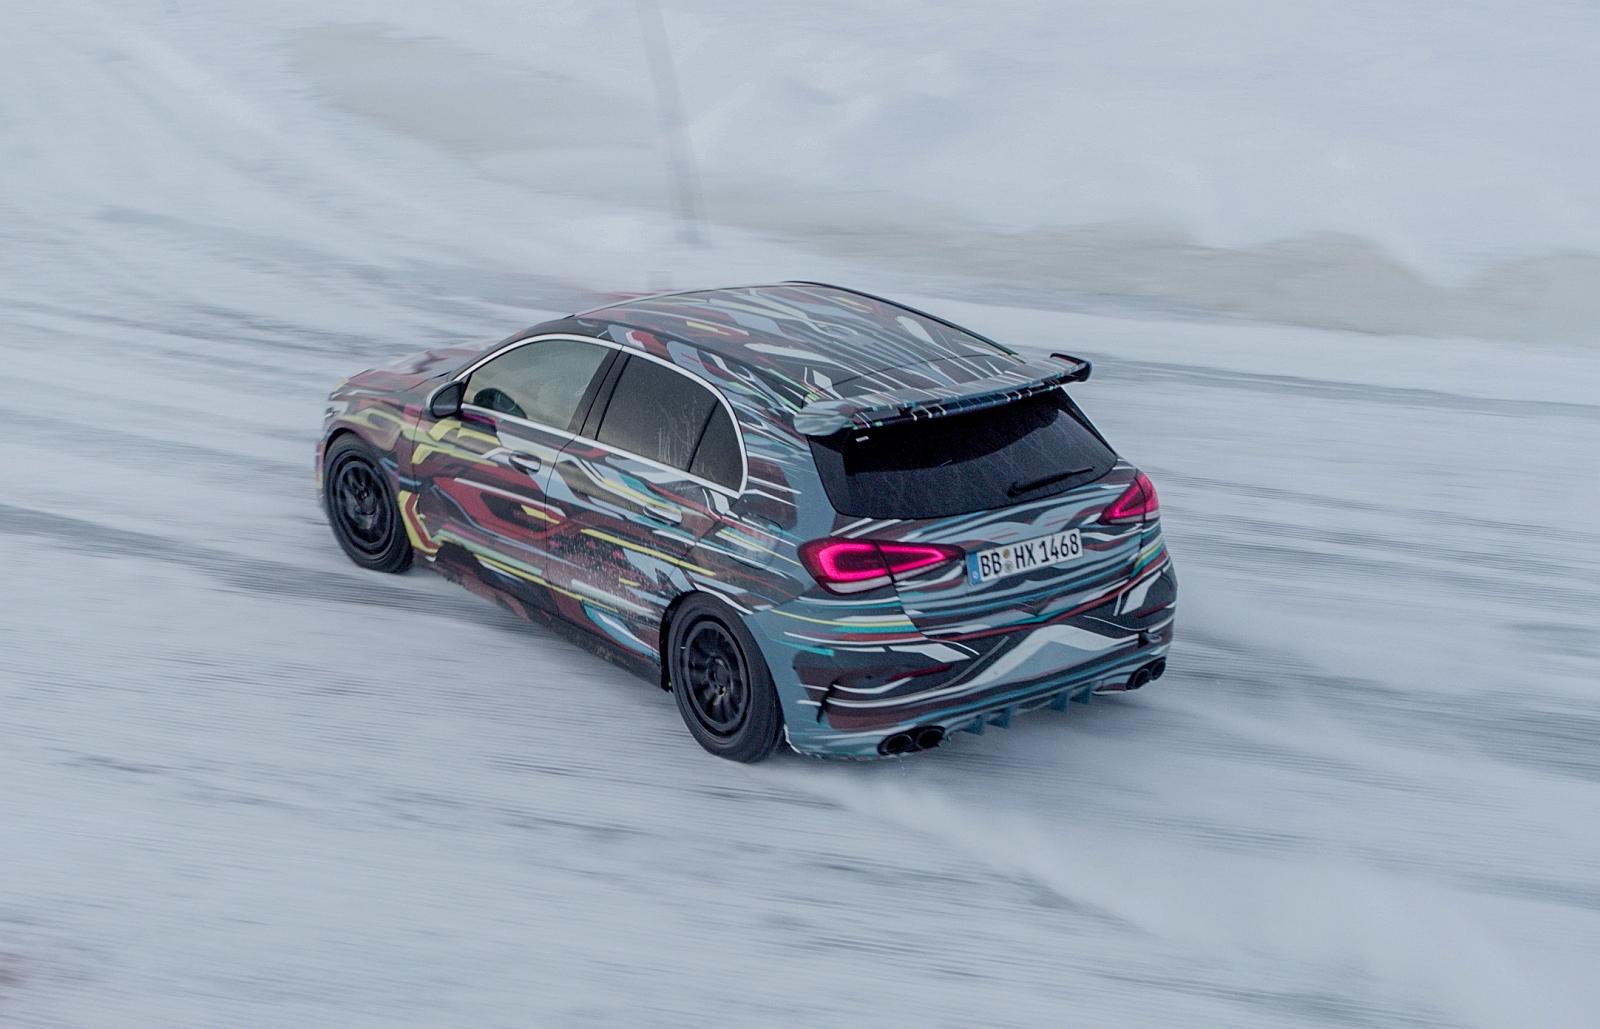 Erste Fahrt Im Neuen Mercedes Amg A45 2019 Trackdaysport